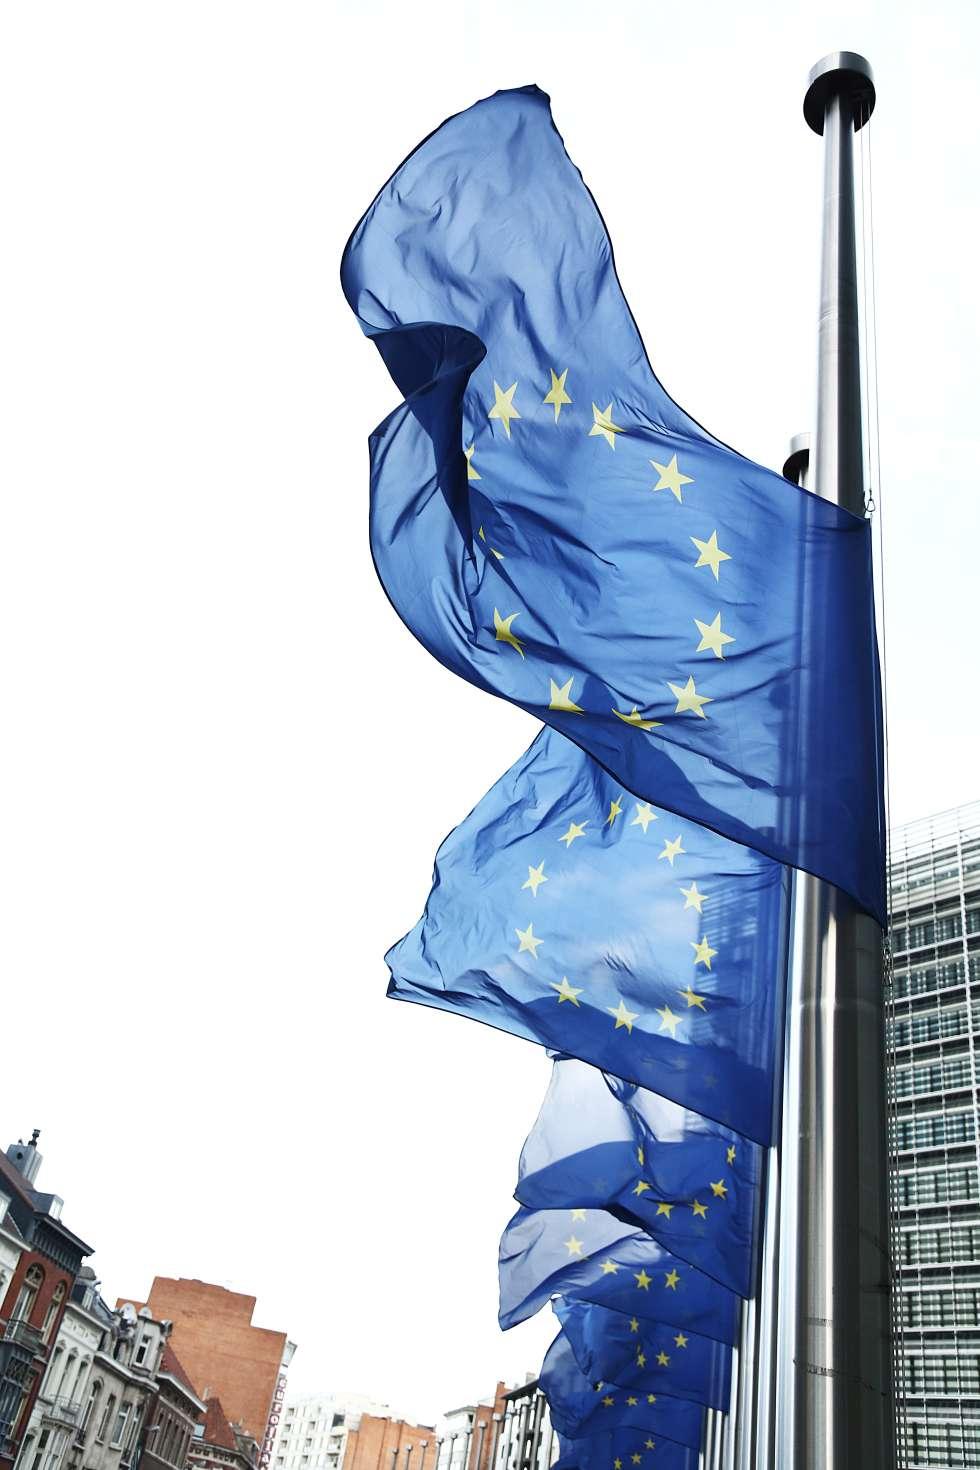 Banderas de Europa a media asta en la sede de la Comisión Europea, en Bruselas, en 2013.